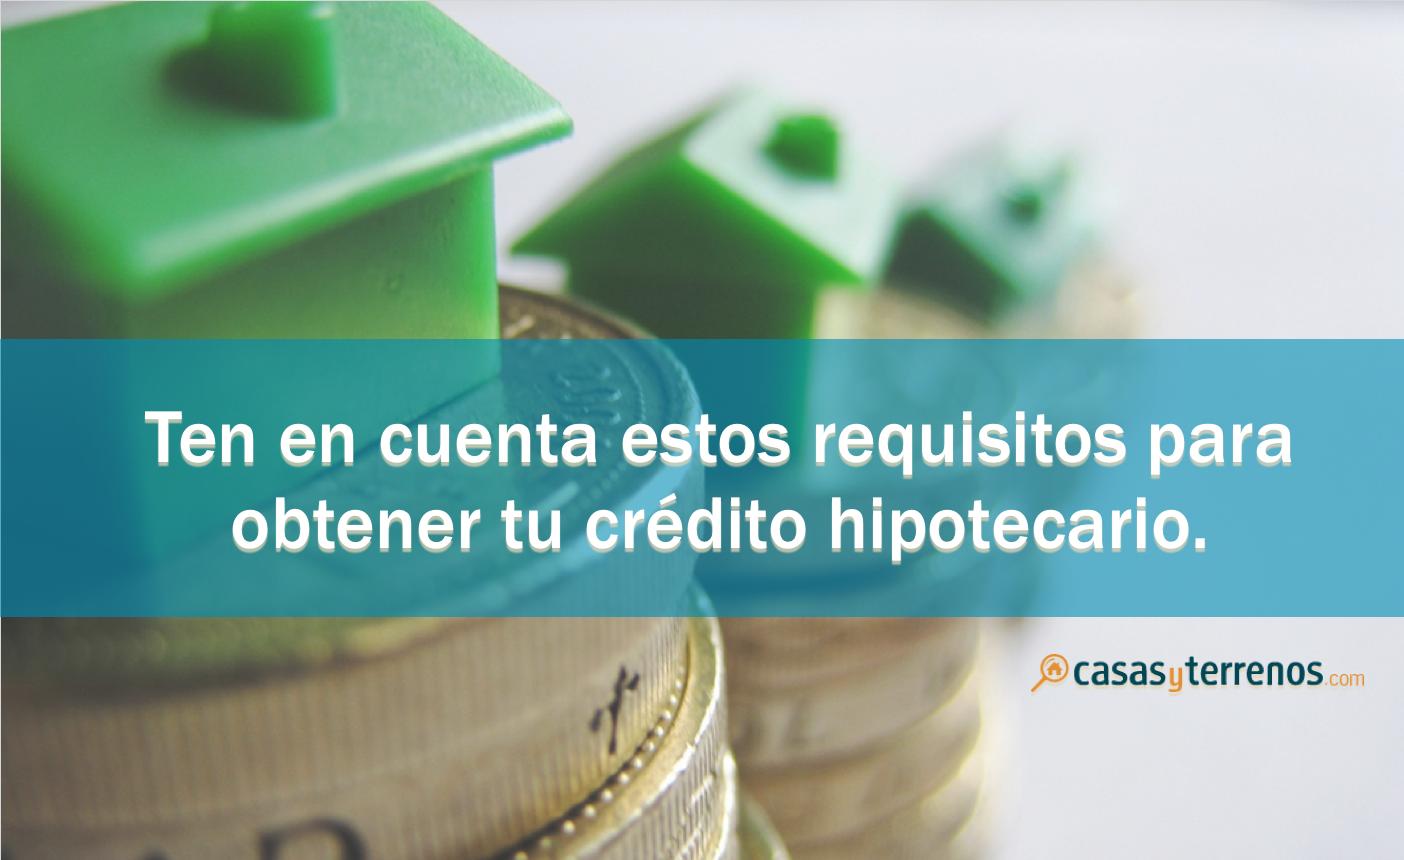 ¿Quieres pedir un crédito hipotecario? No te olvides de estos requisitos.